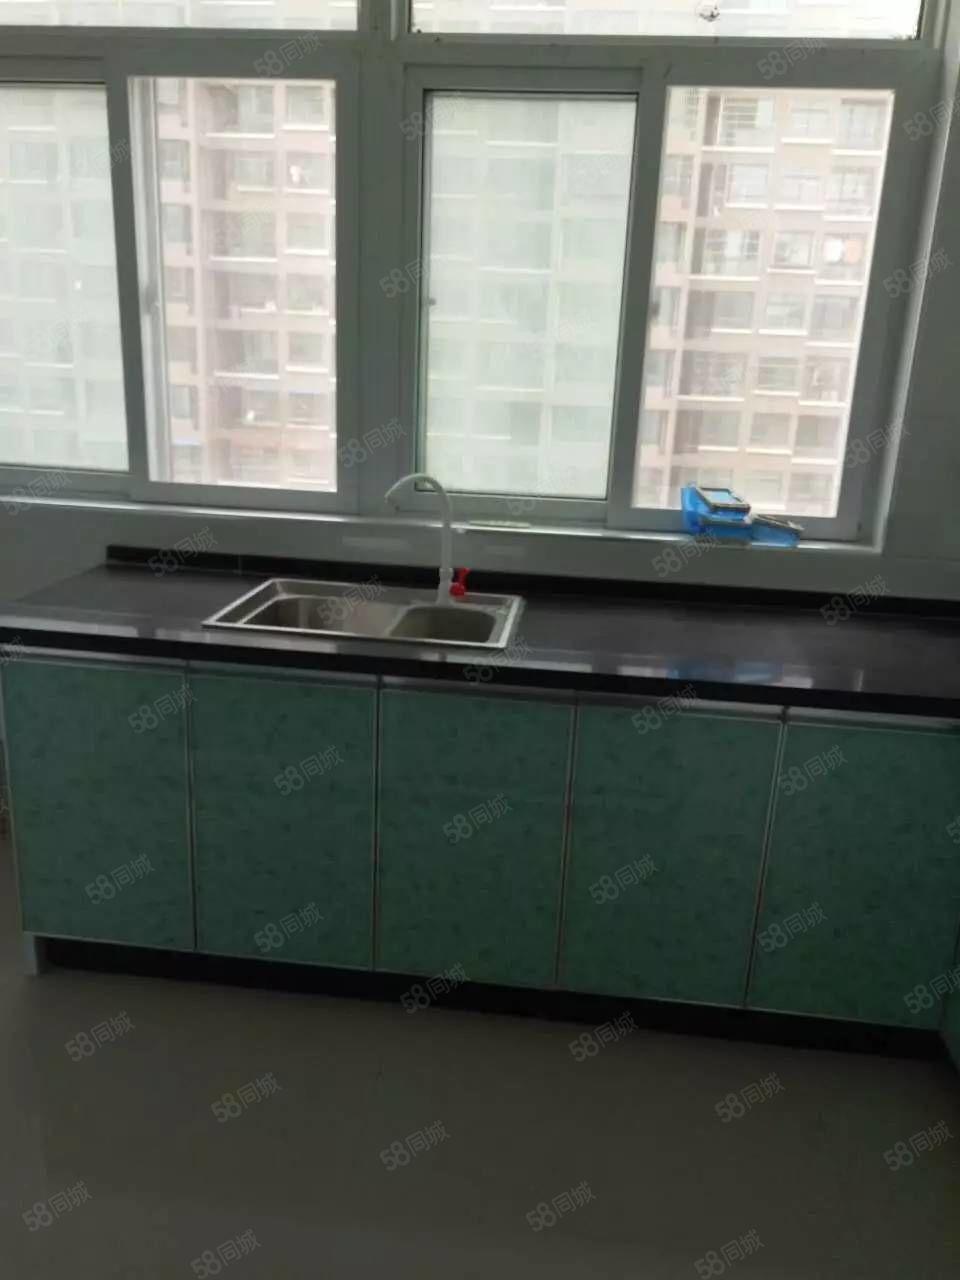 鼓楼公寓,卫生干净,可拎包入住